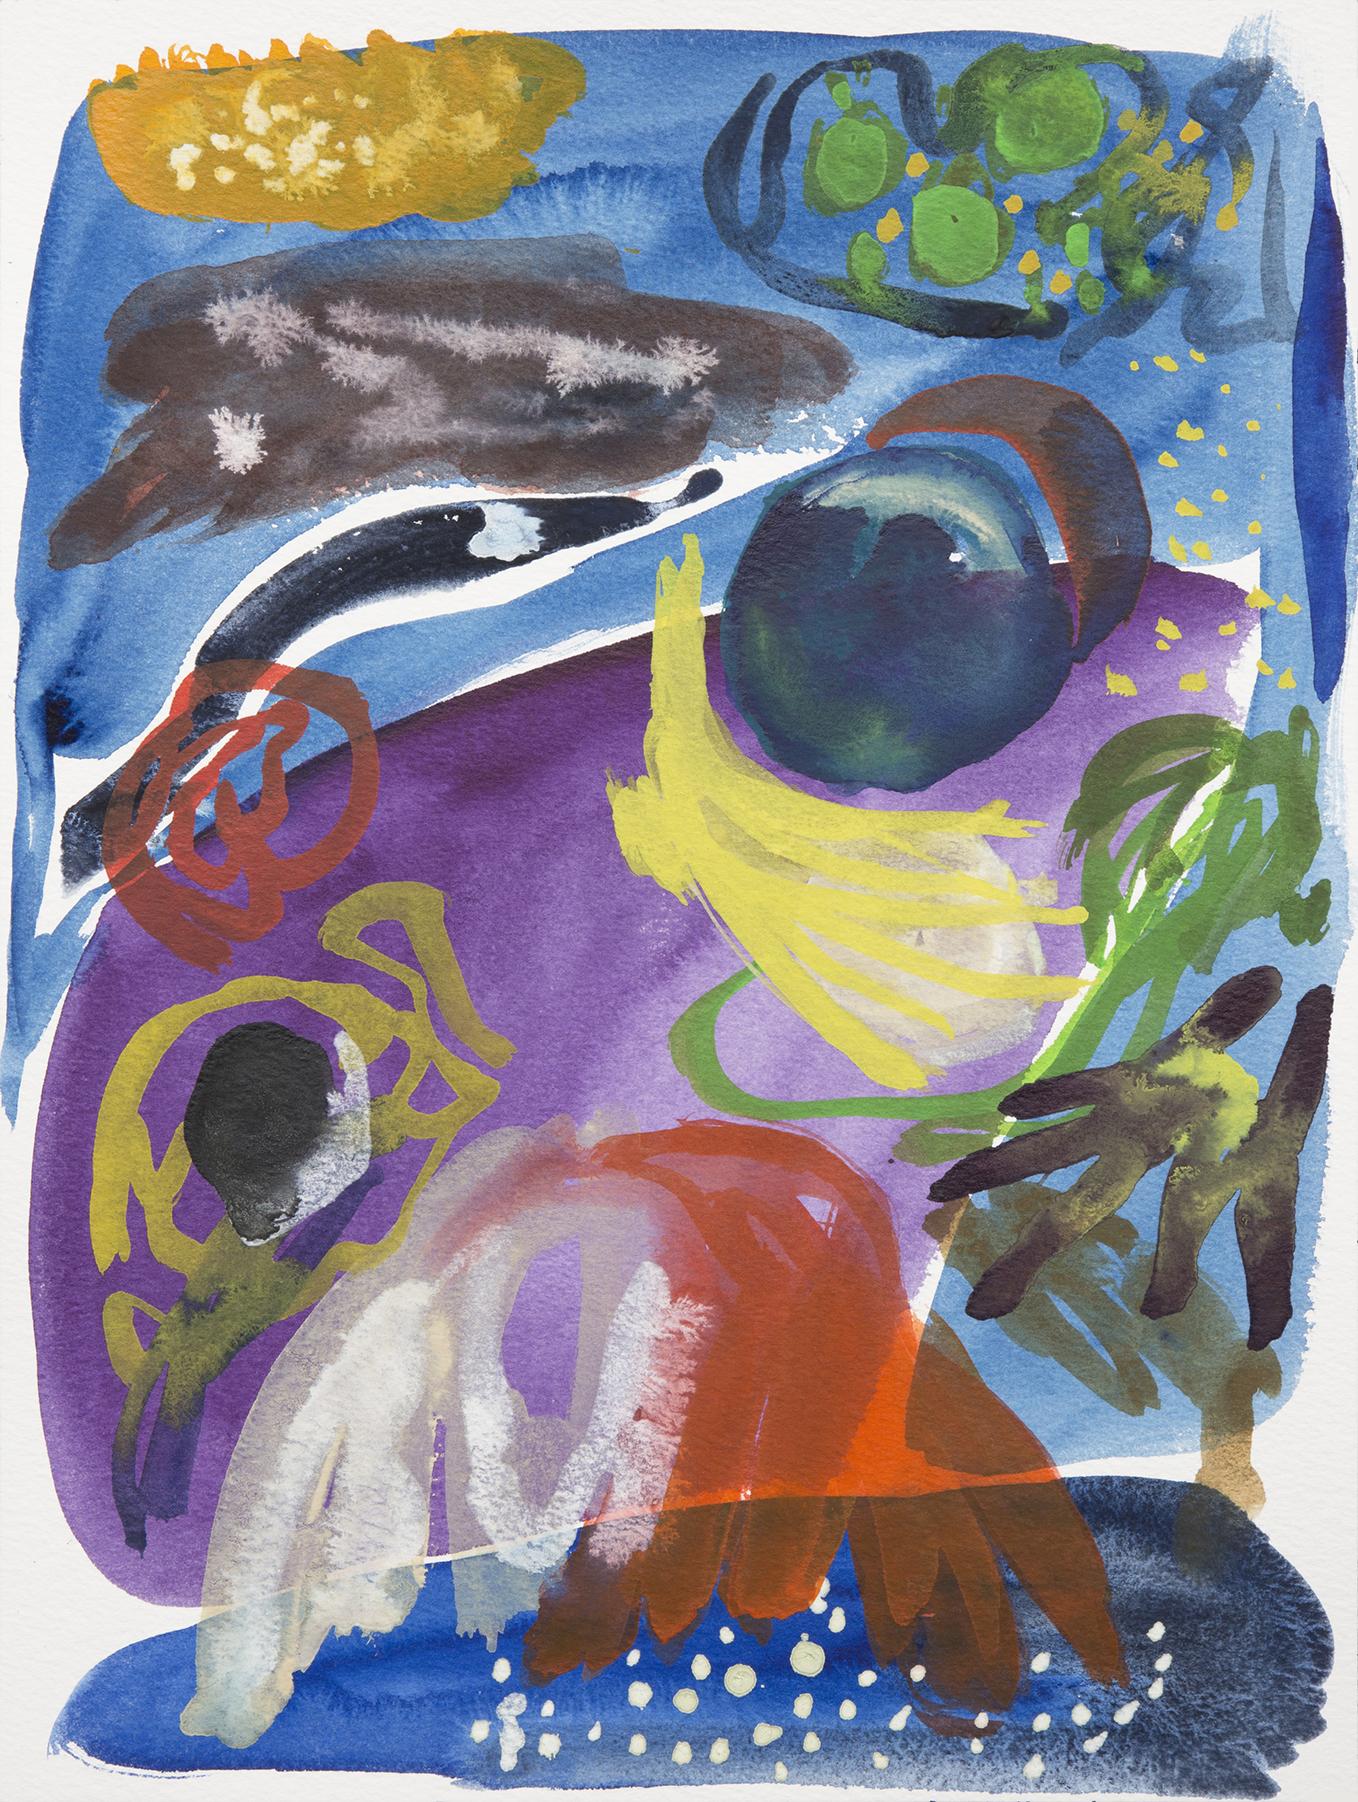 Sebastian Gladstone   Tiny infinite atoms, quarks, plancks,  2018 watercolor on paper in white enamel frame 14 x 18 in.